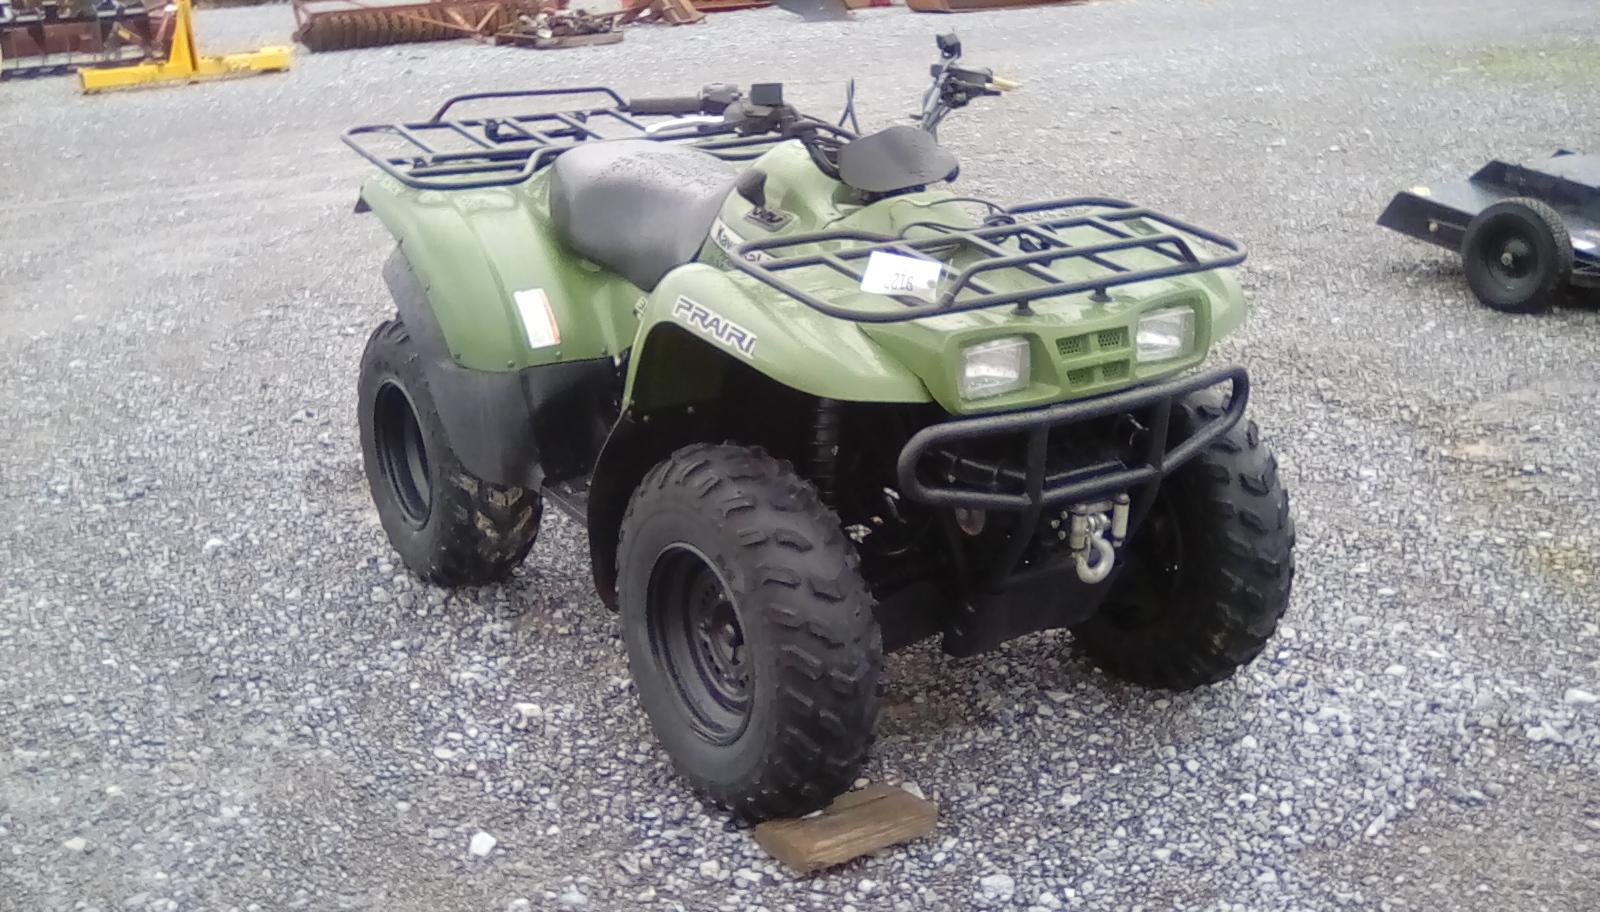 KAWASKI PRAIRIE 360 ATV Image